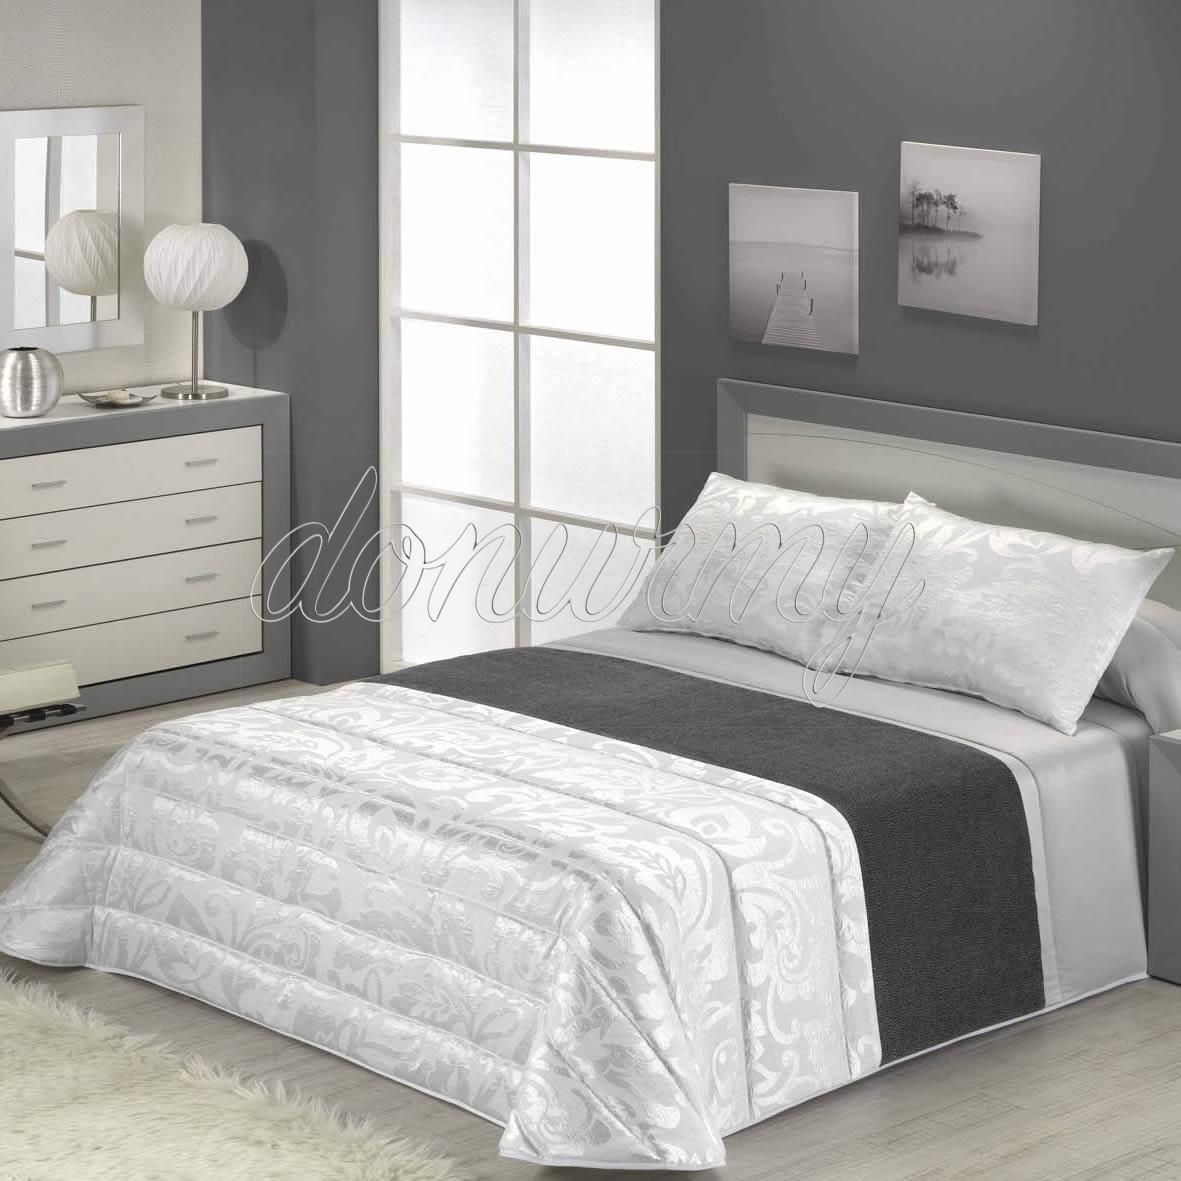 os dejamos algunas ideas ms para pintar dormitorios o salones